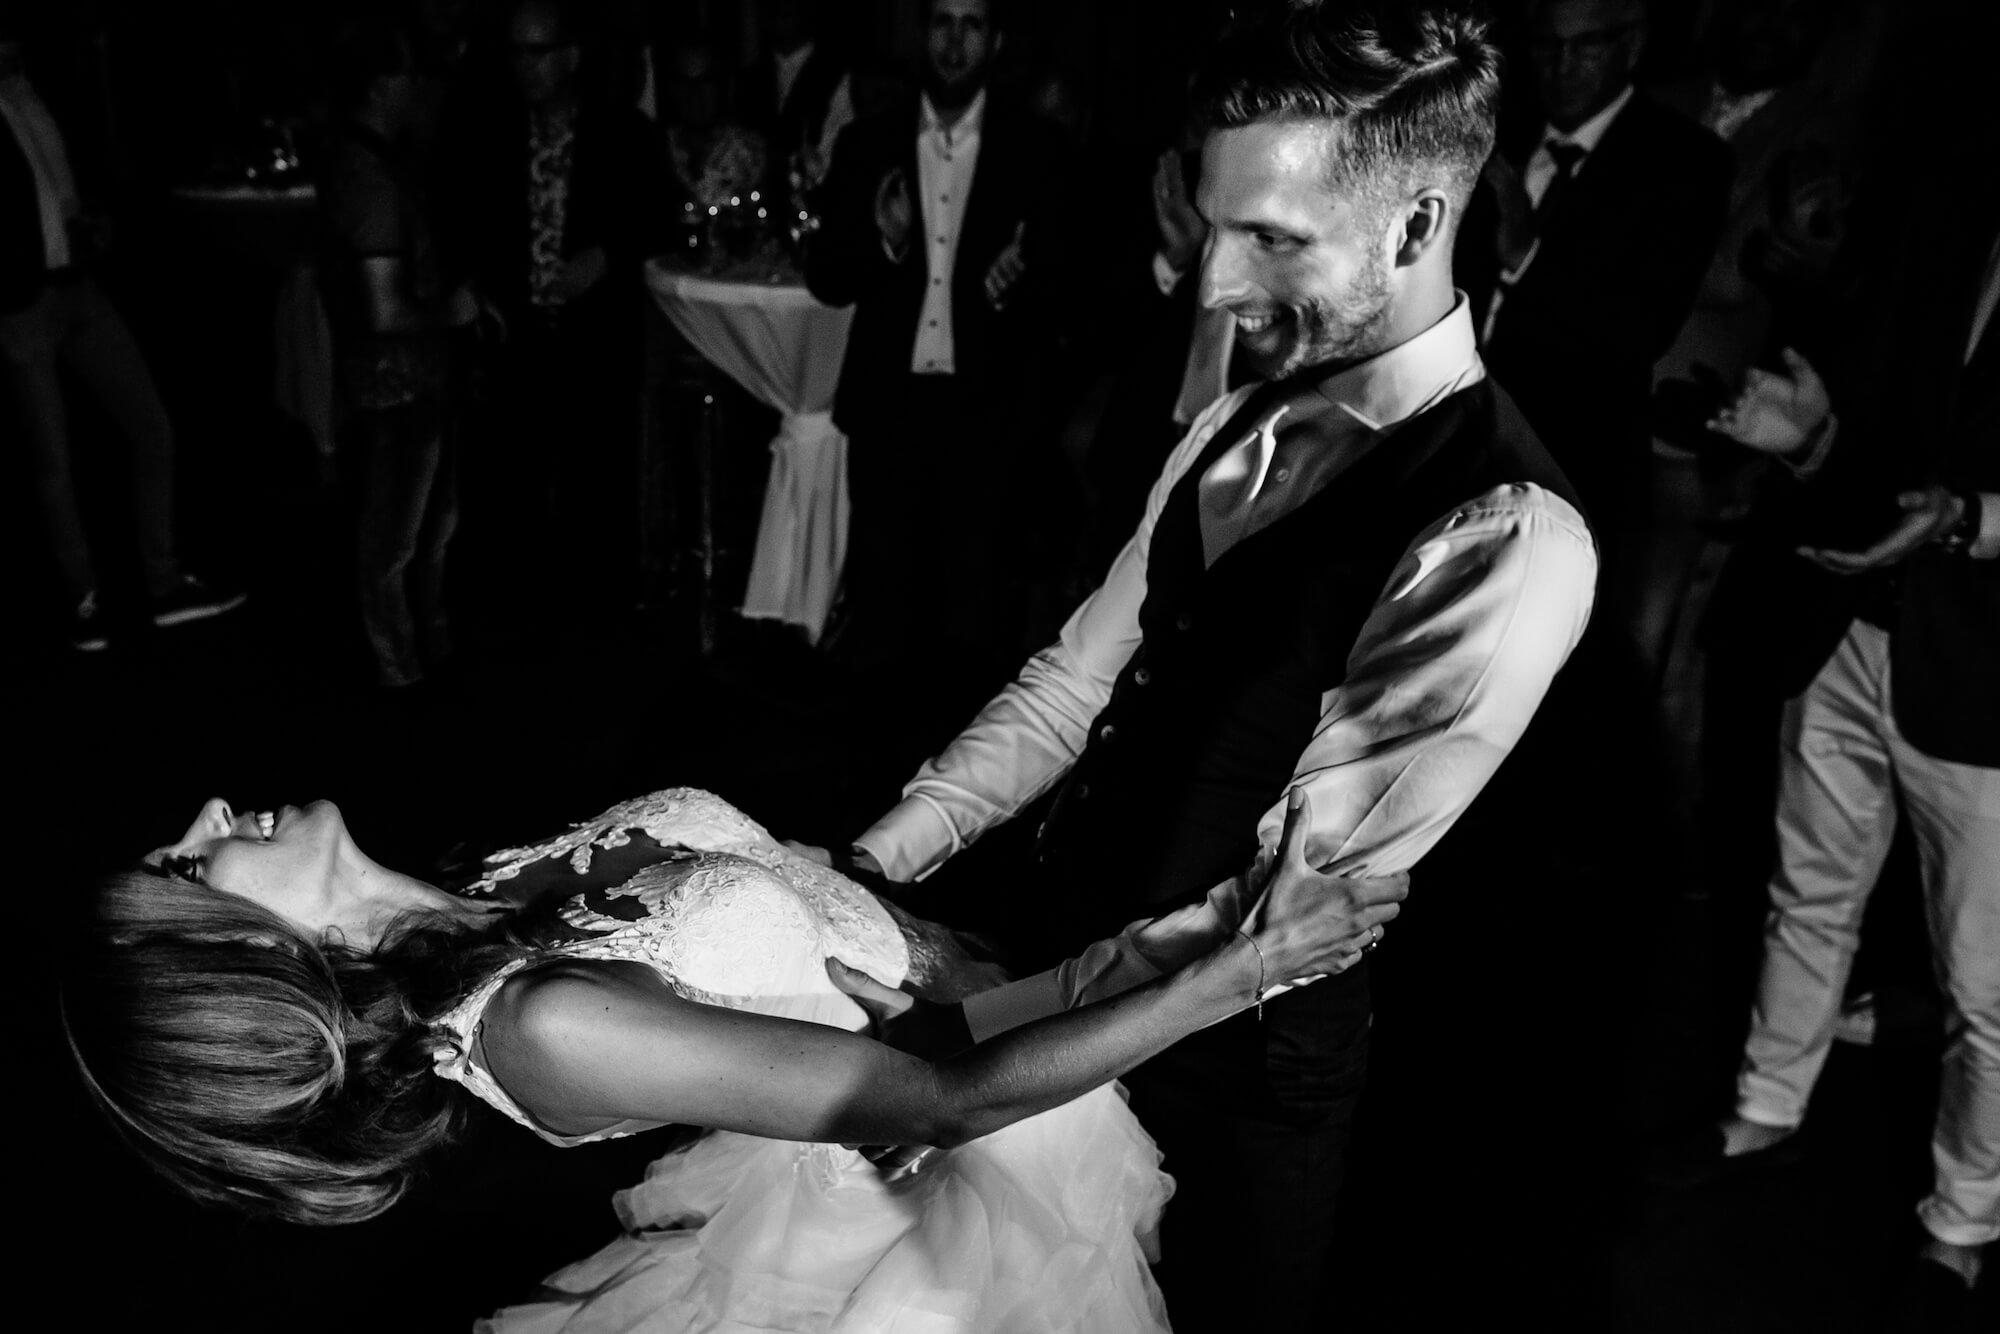 kasteelhoeve-geldrop-bruidsfotograaf-19.jpg